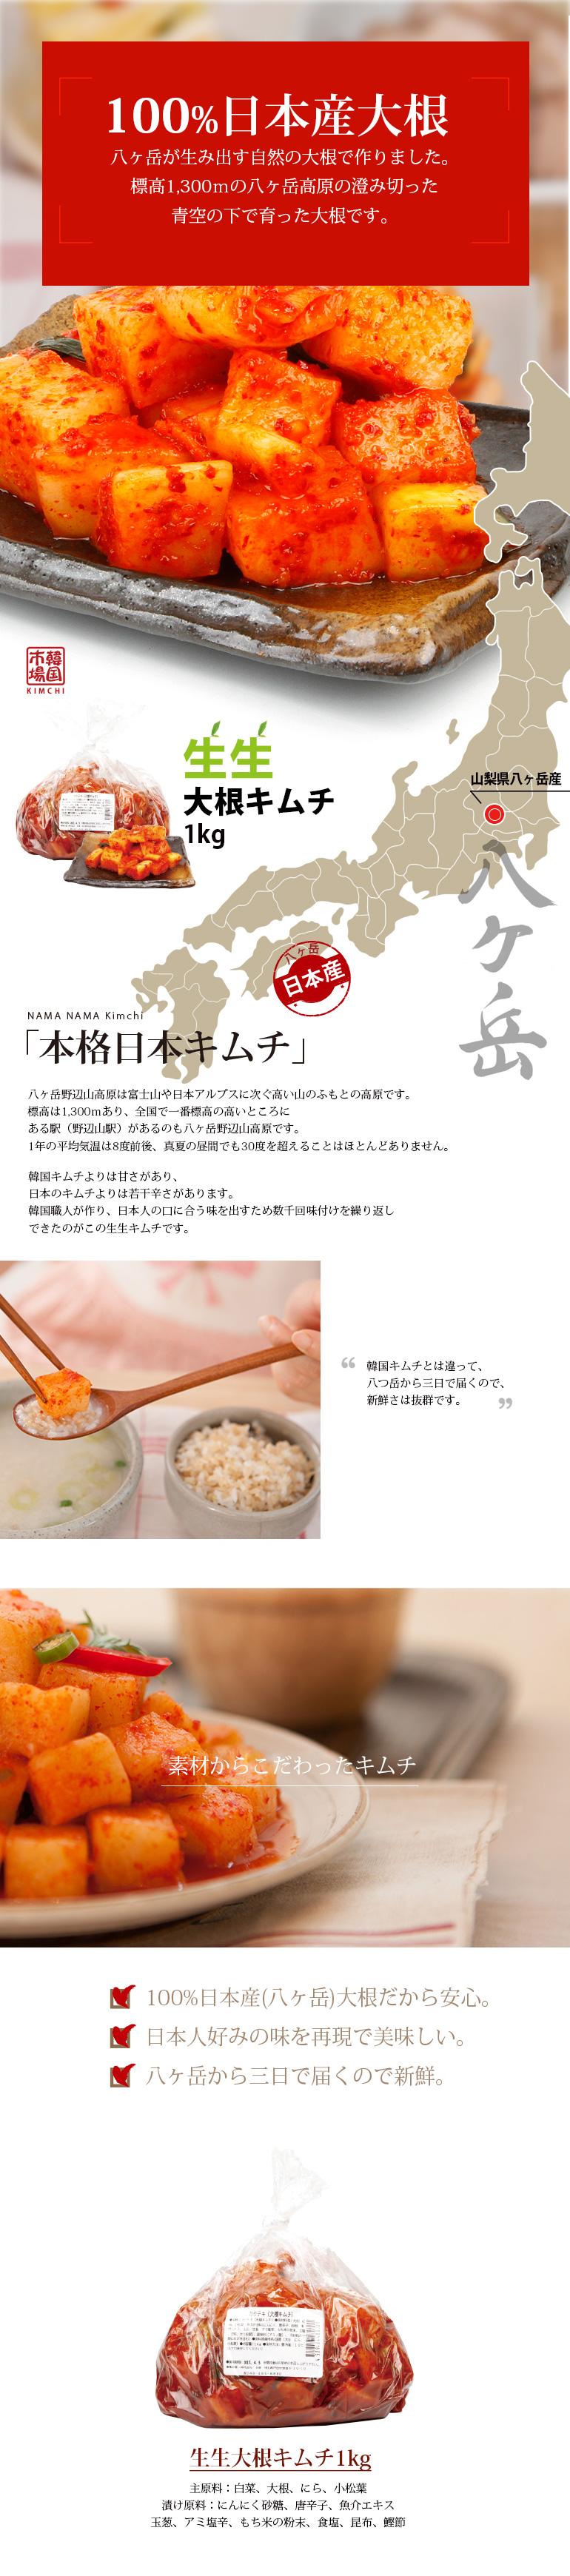 日本産キムチ,カクテキ,大根キムチ,キムチ